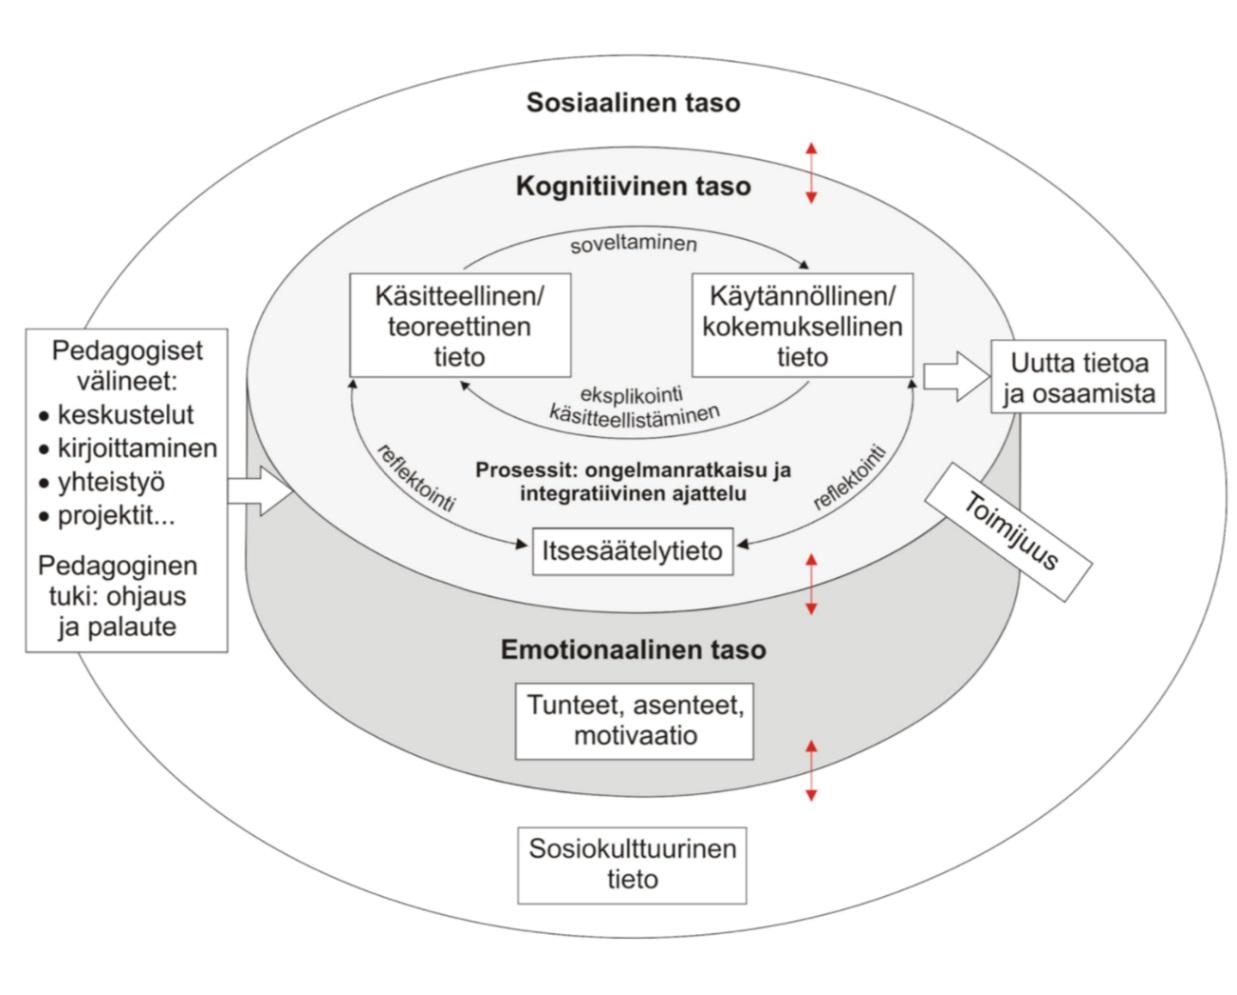 KUVIO 2. Integratiivisen pedagogiikan malli (Tynjälä 2018)